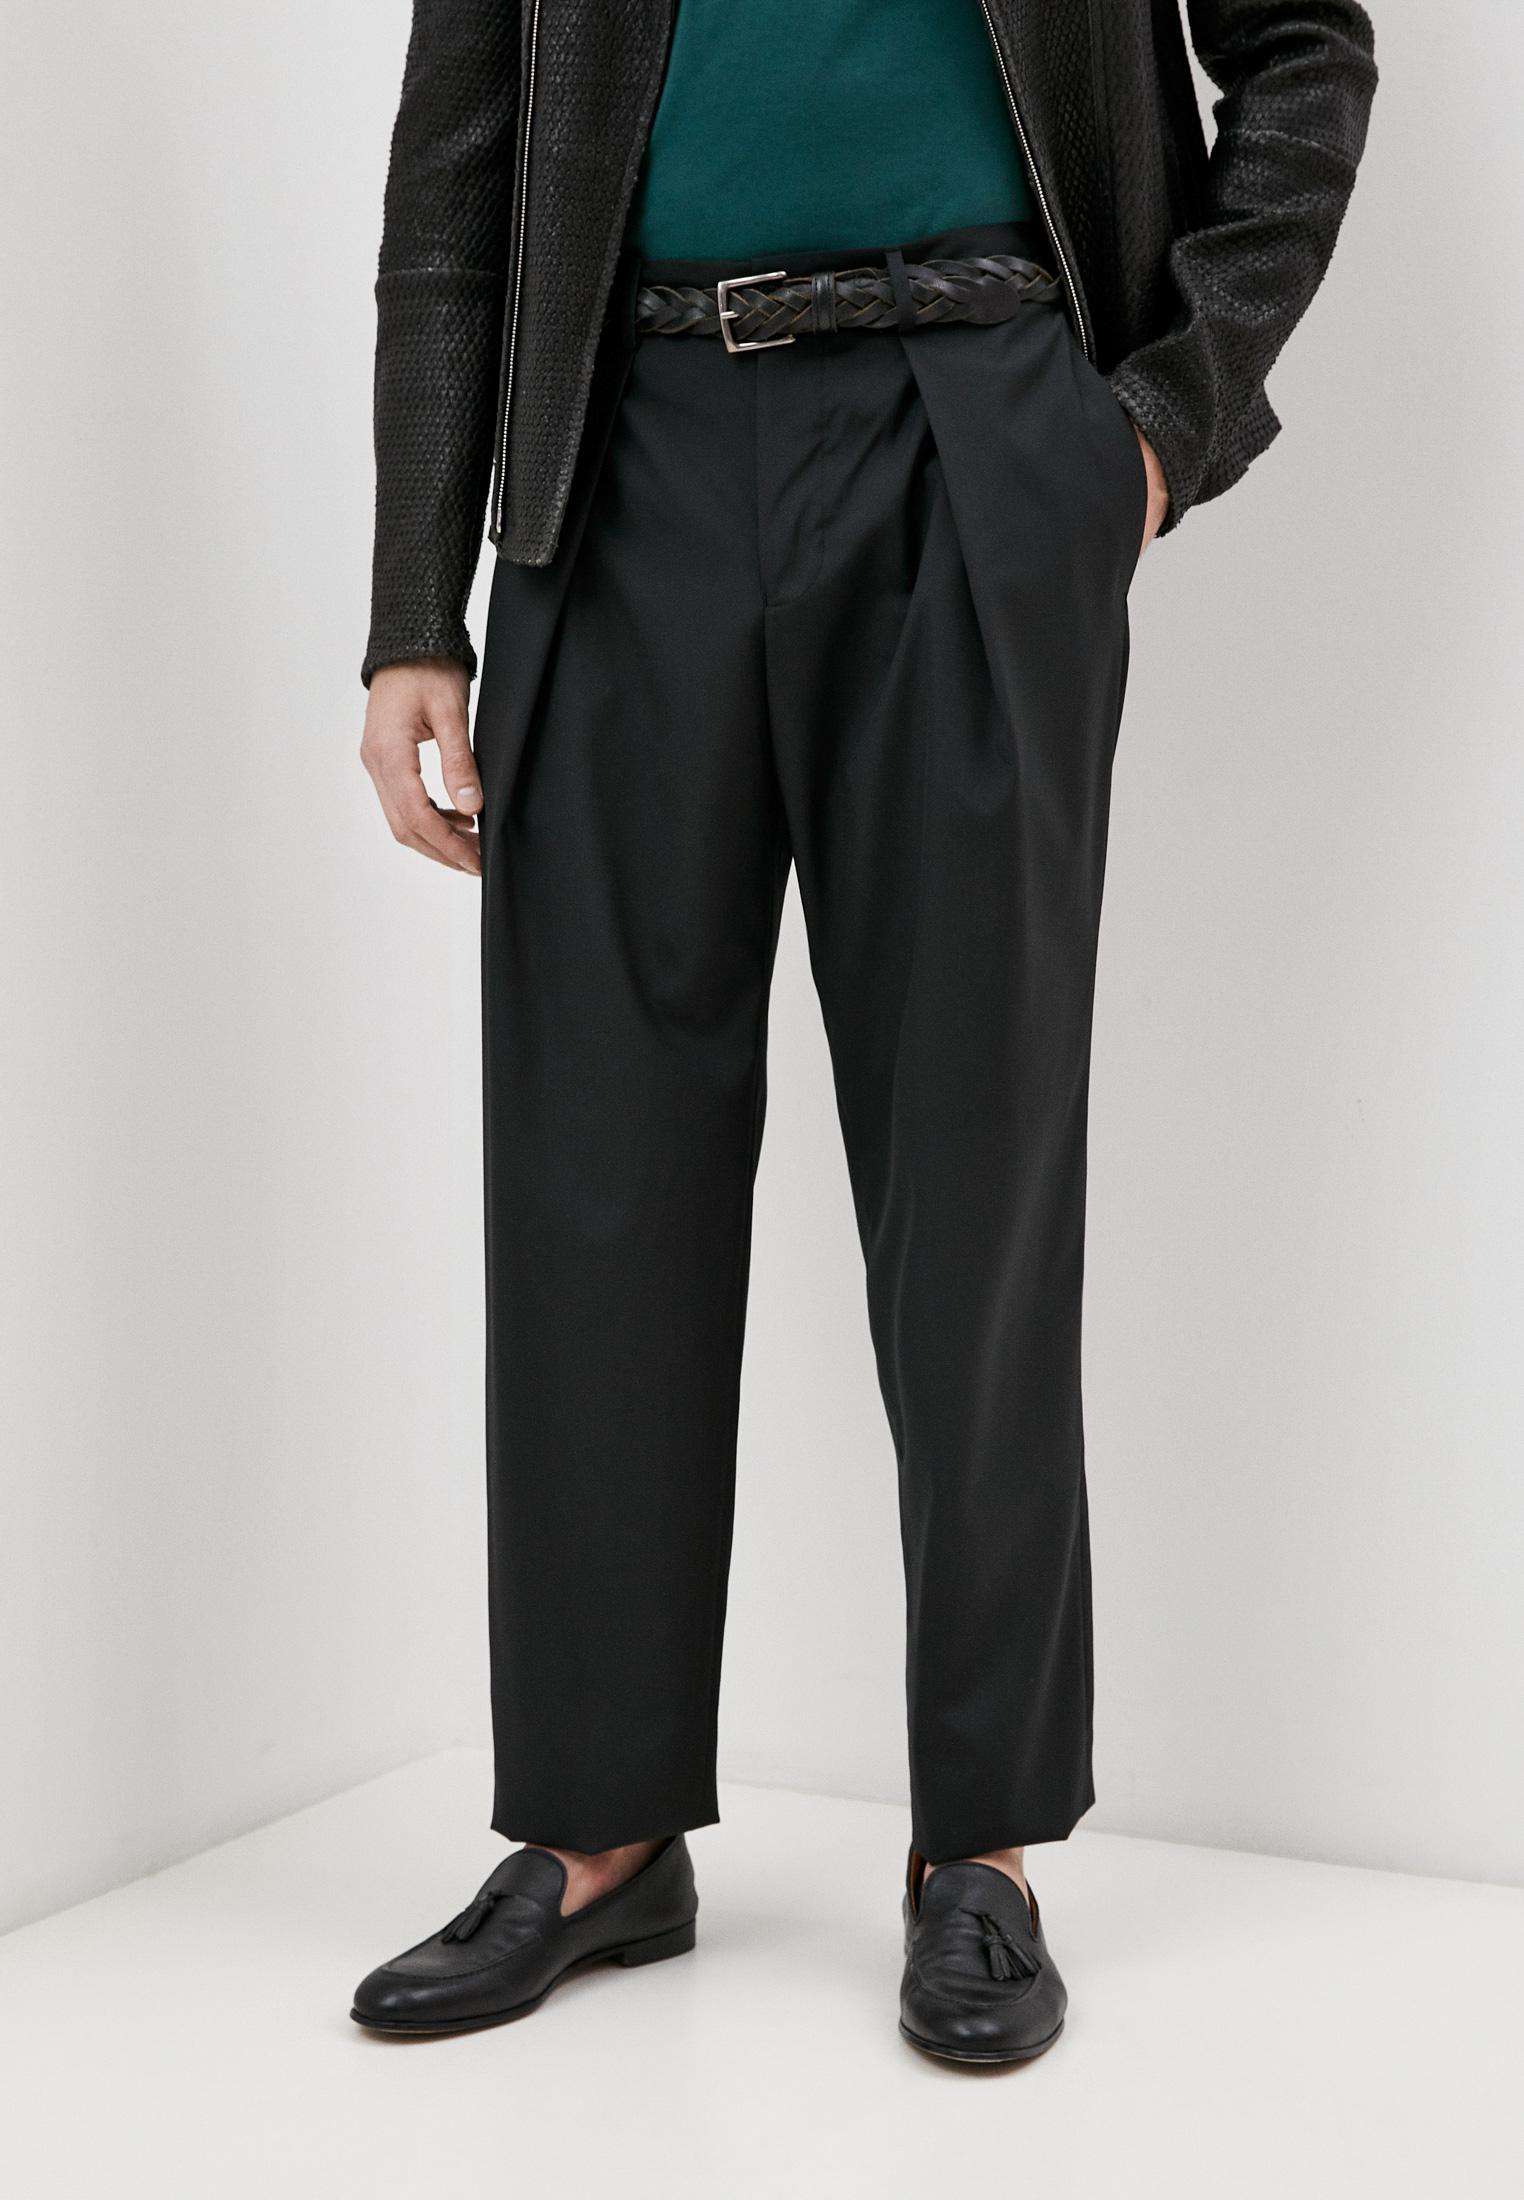 Мужские классические брюки Emporio Armani Брюки Emporio Armani